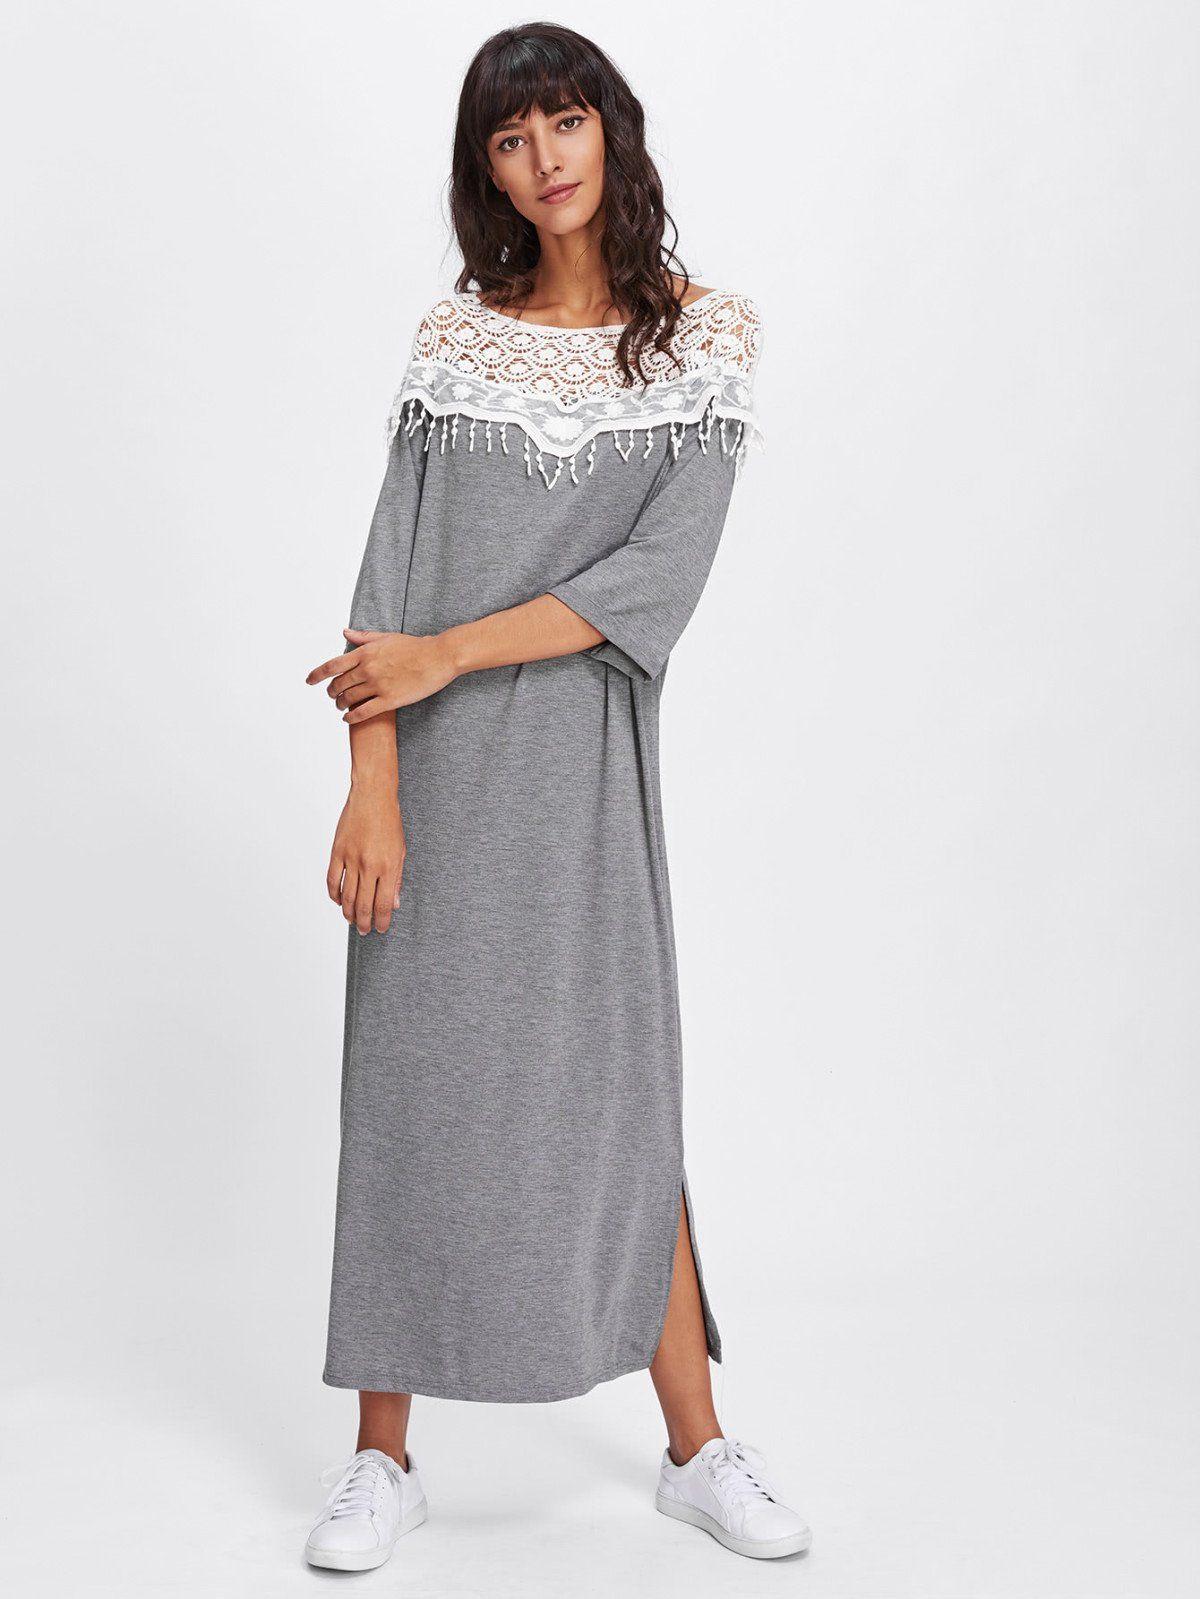 Lace crochet contrast split side dress boat neck casual wear and